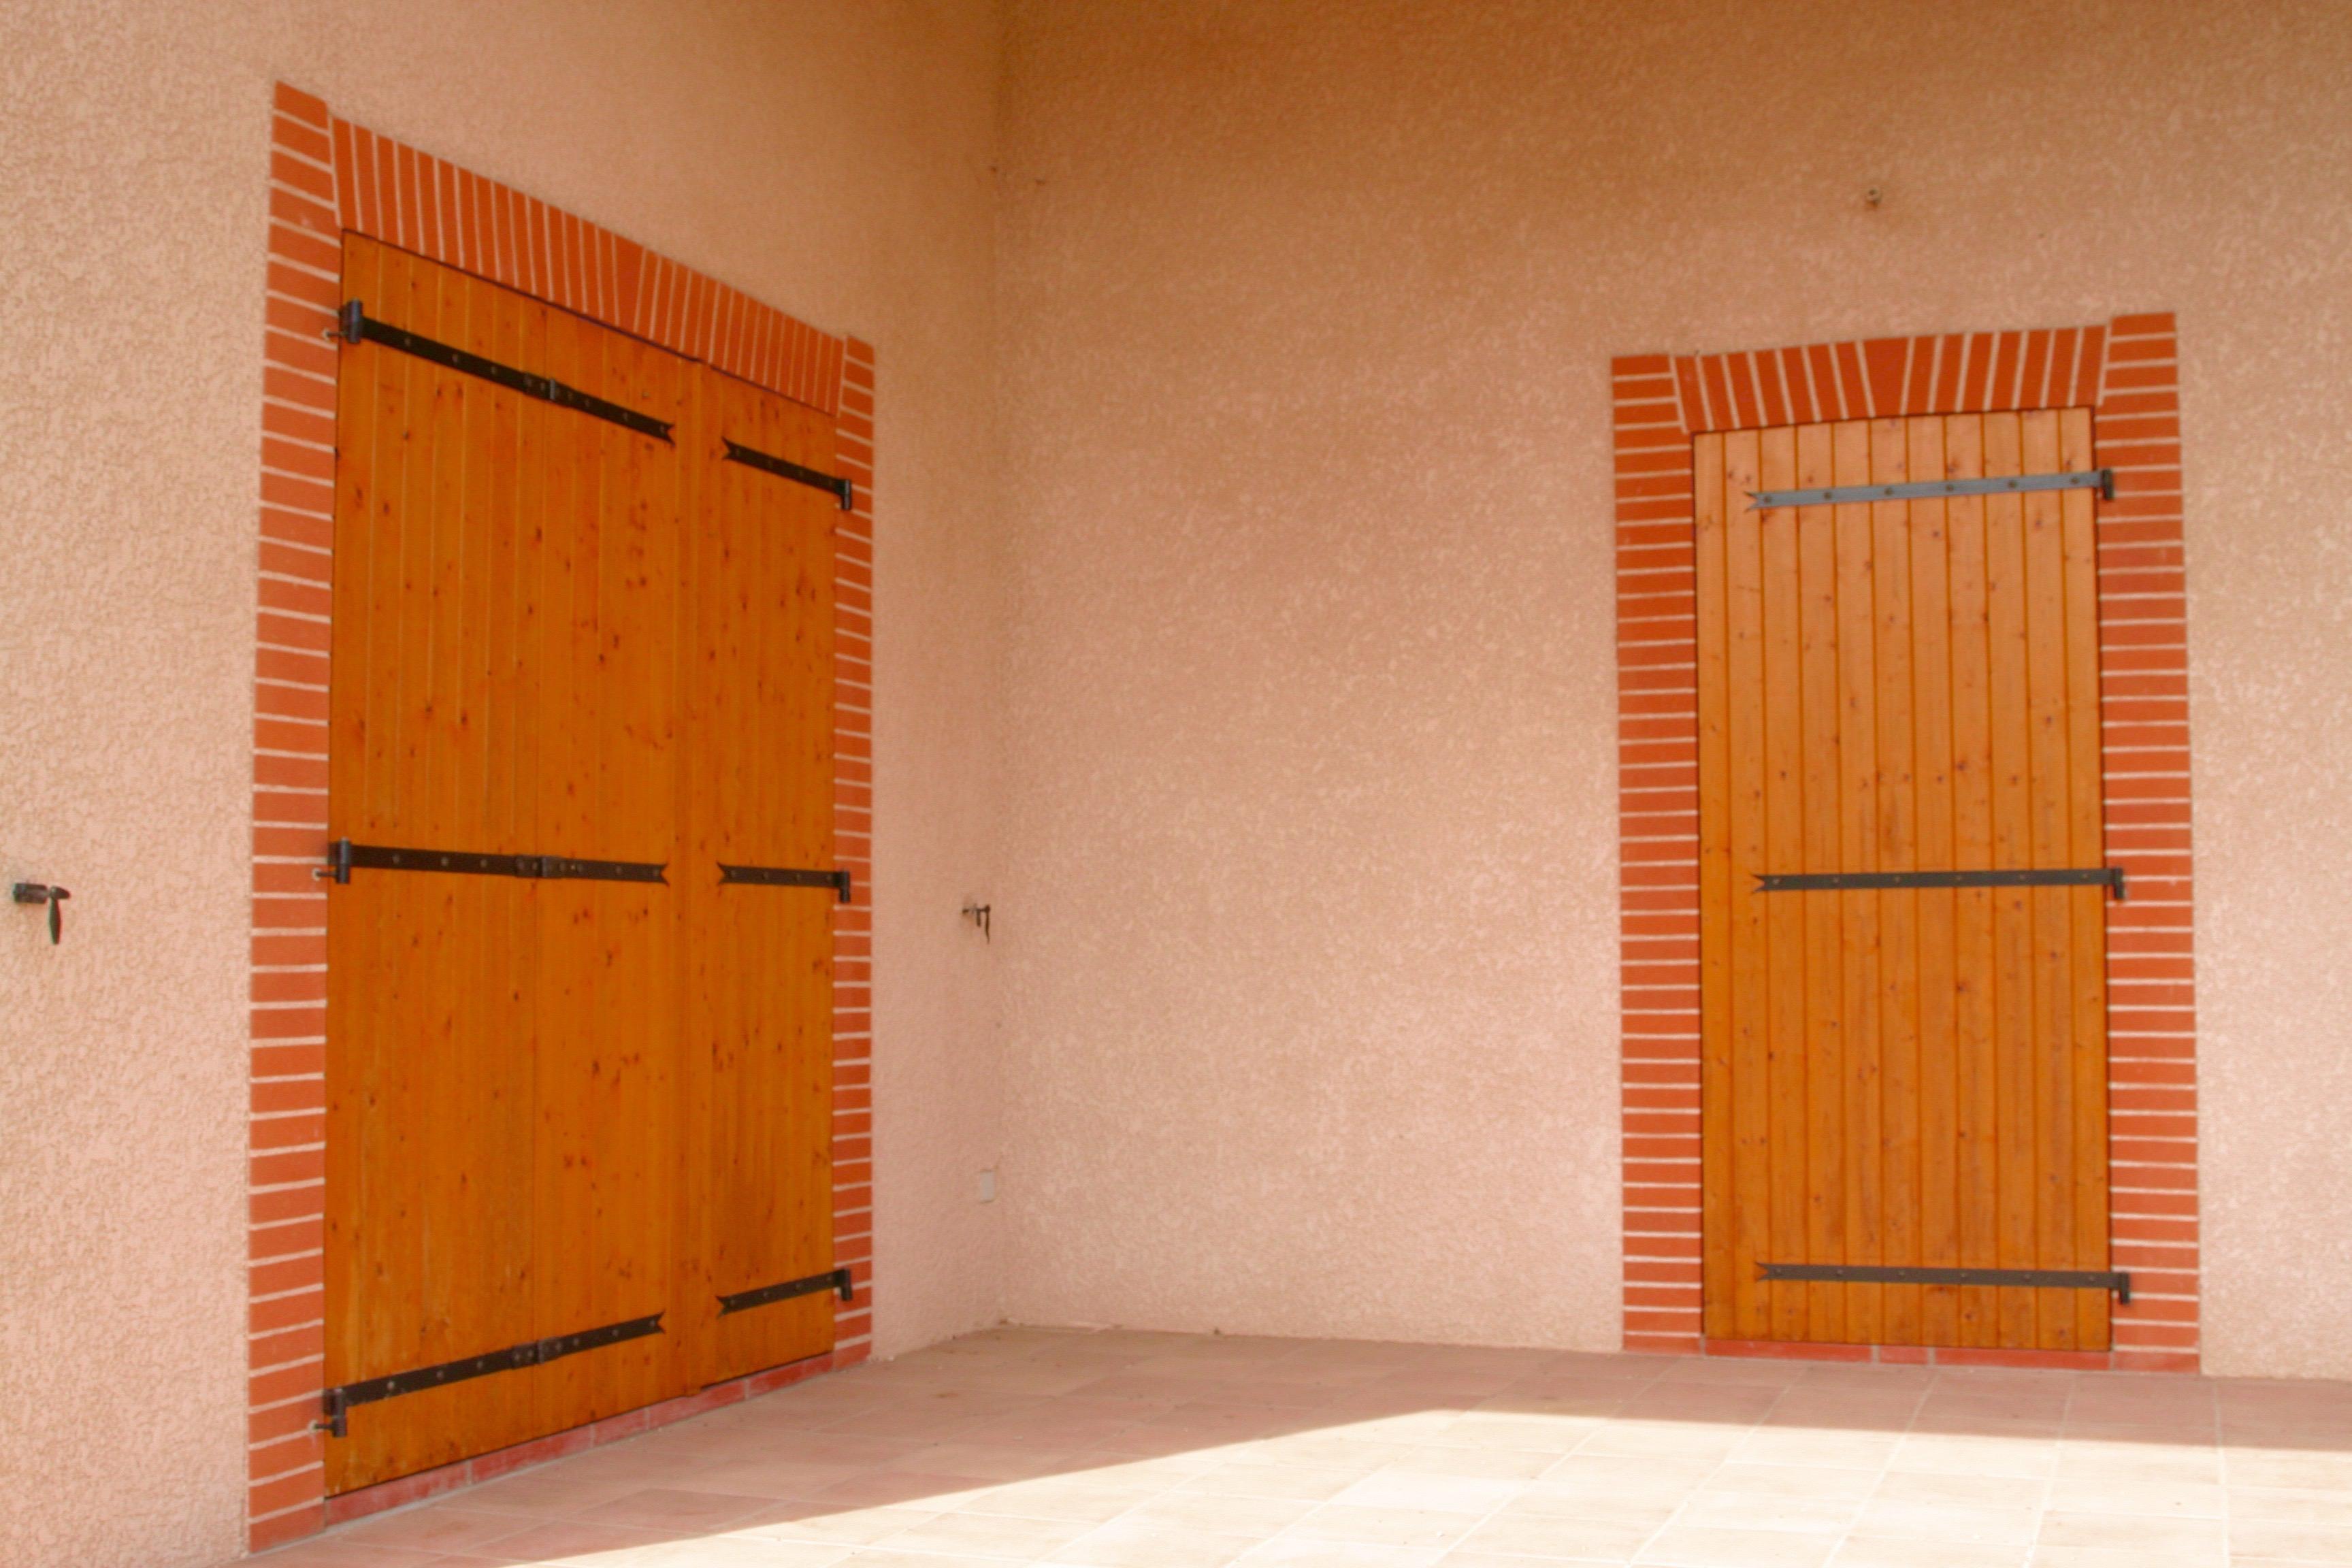 produits-parements-encadrements-portes-fenetres-plaquettes-equerres-brique-nagen-intemporelle